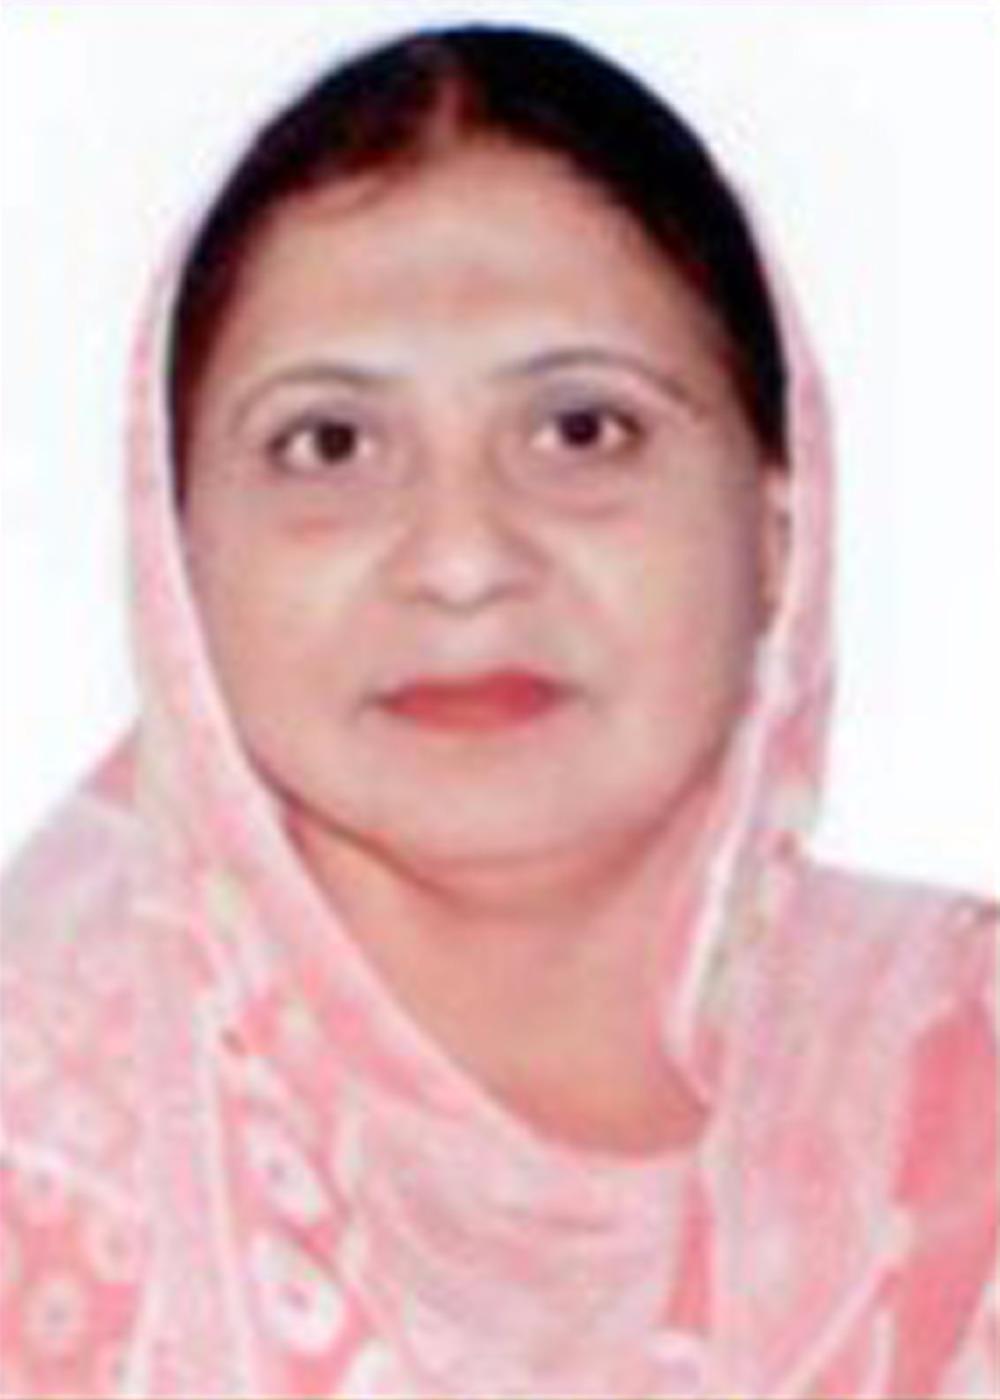 bibi daljeet kaur suspand the head of the municipal council gauraya